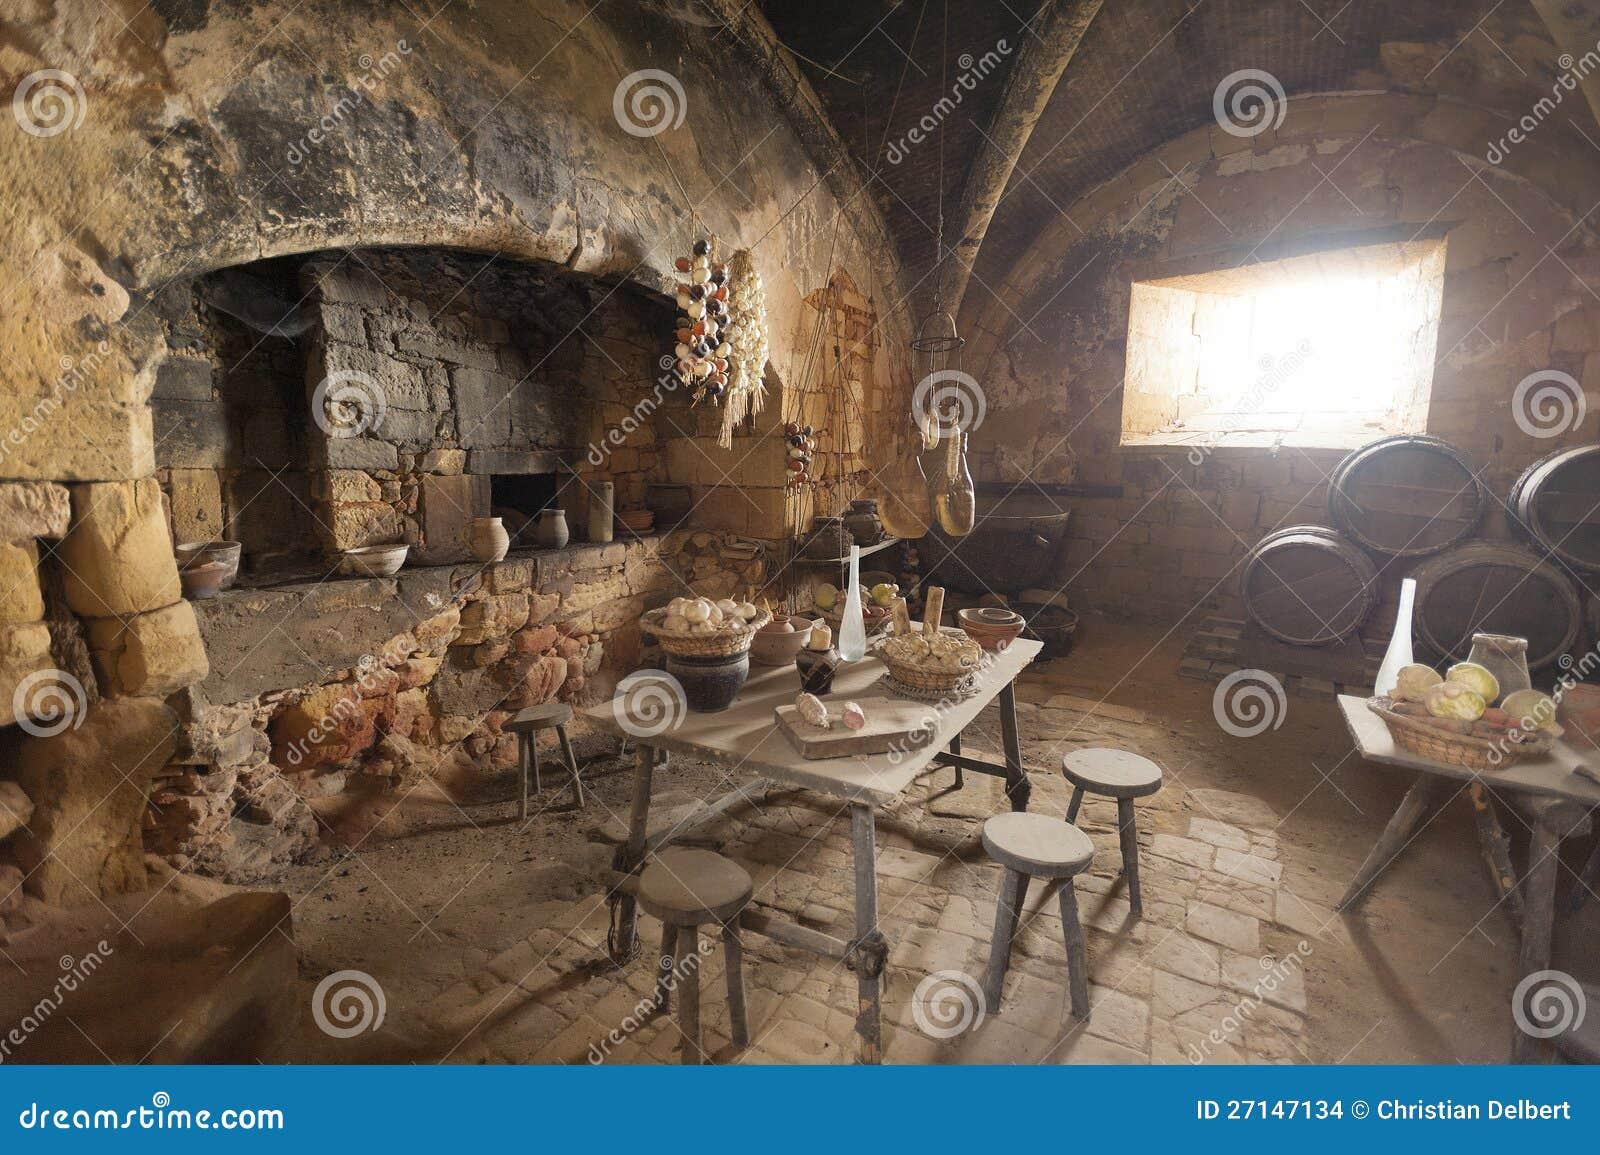 cuisine m di vale et salle manger images stock image 27147134. Black Bedroom Furniture Sets. Home Design Ideas